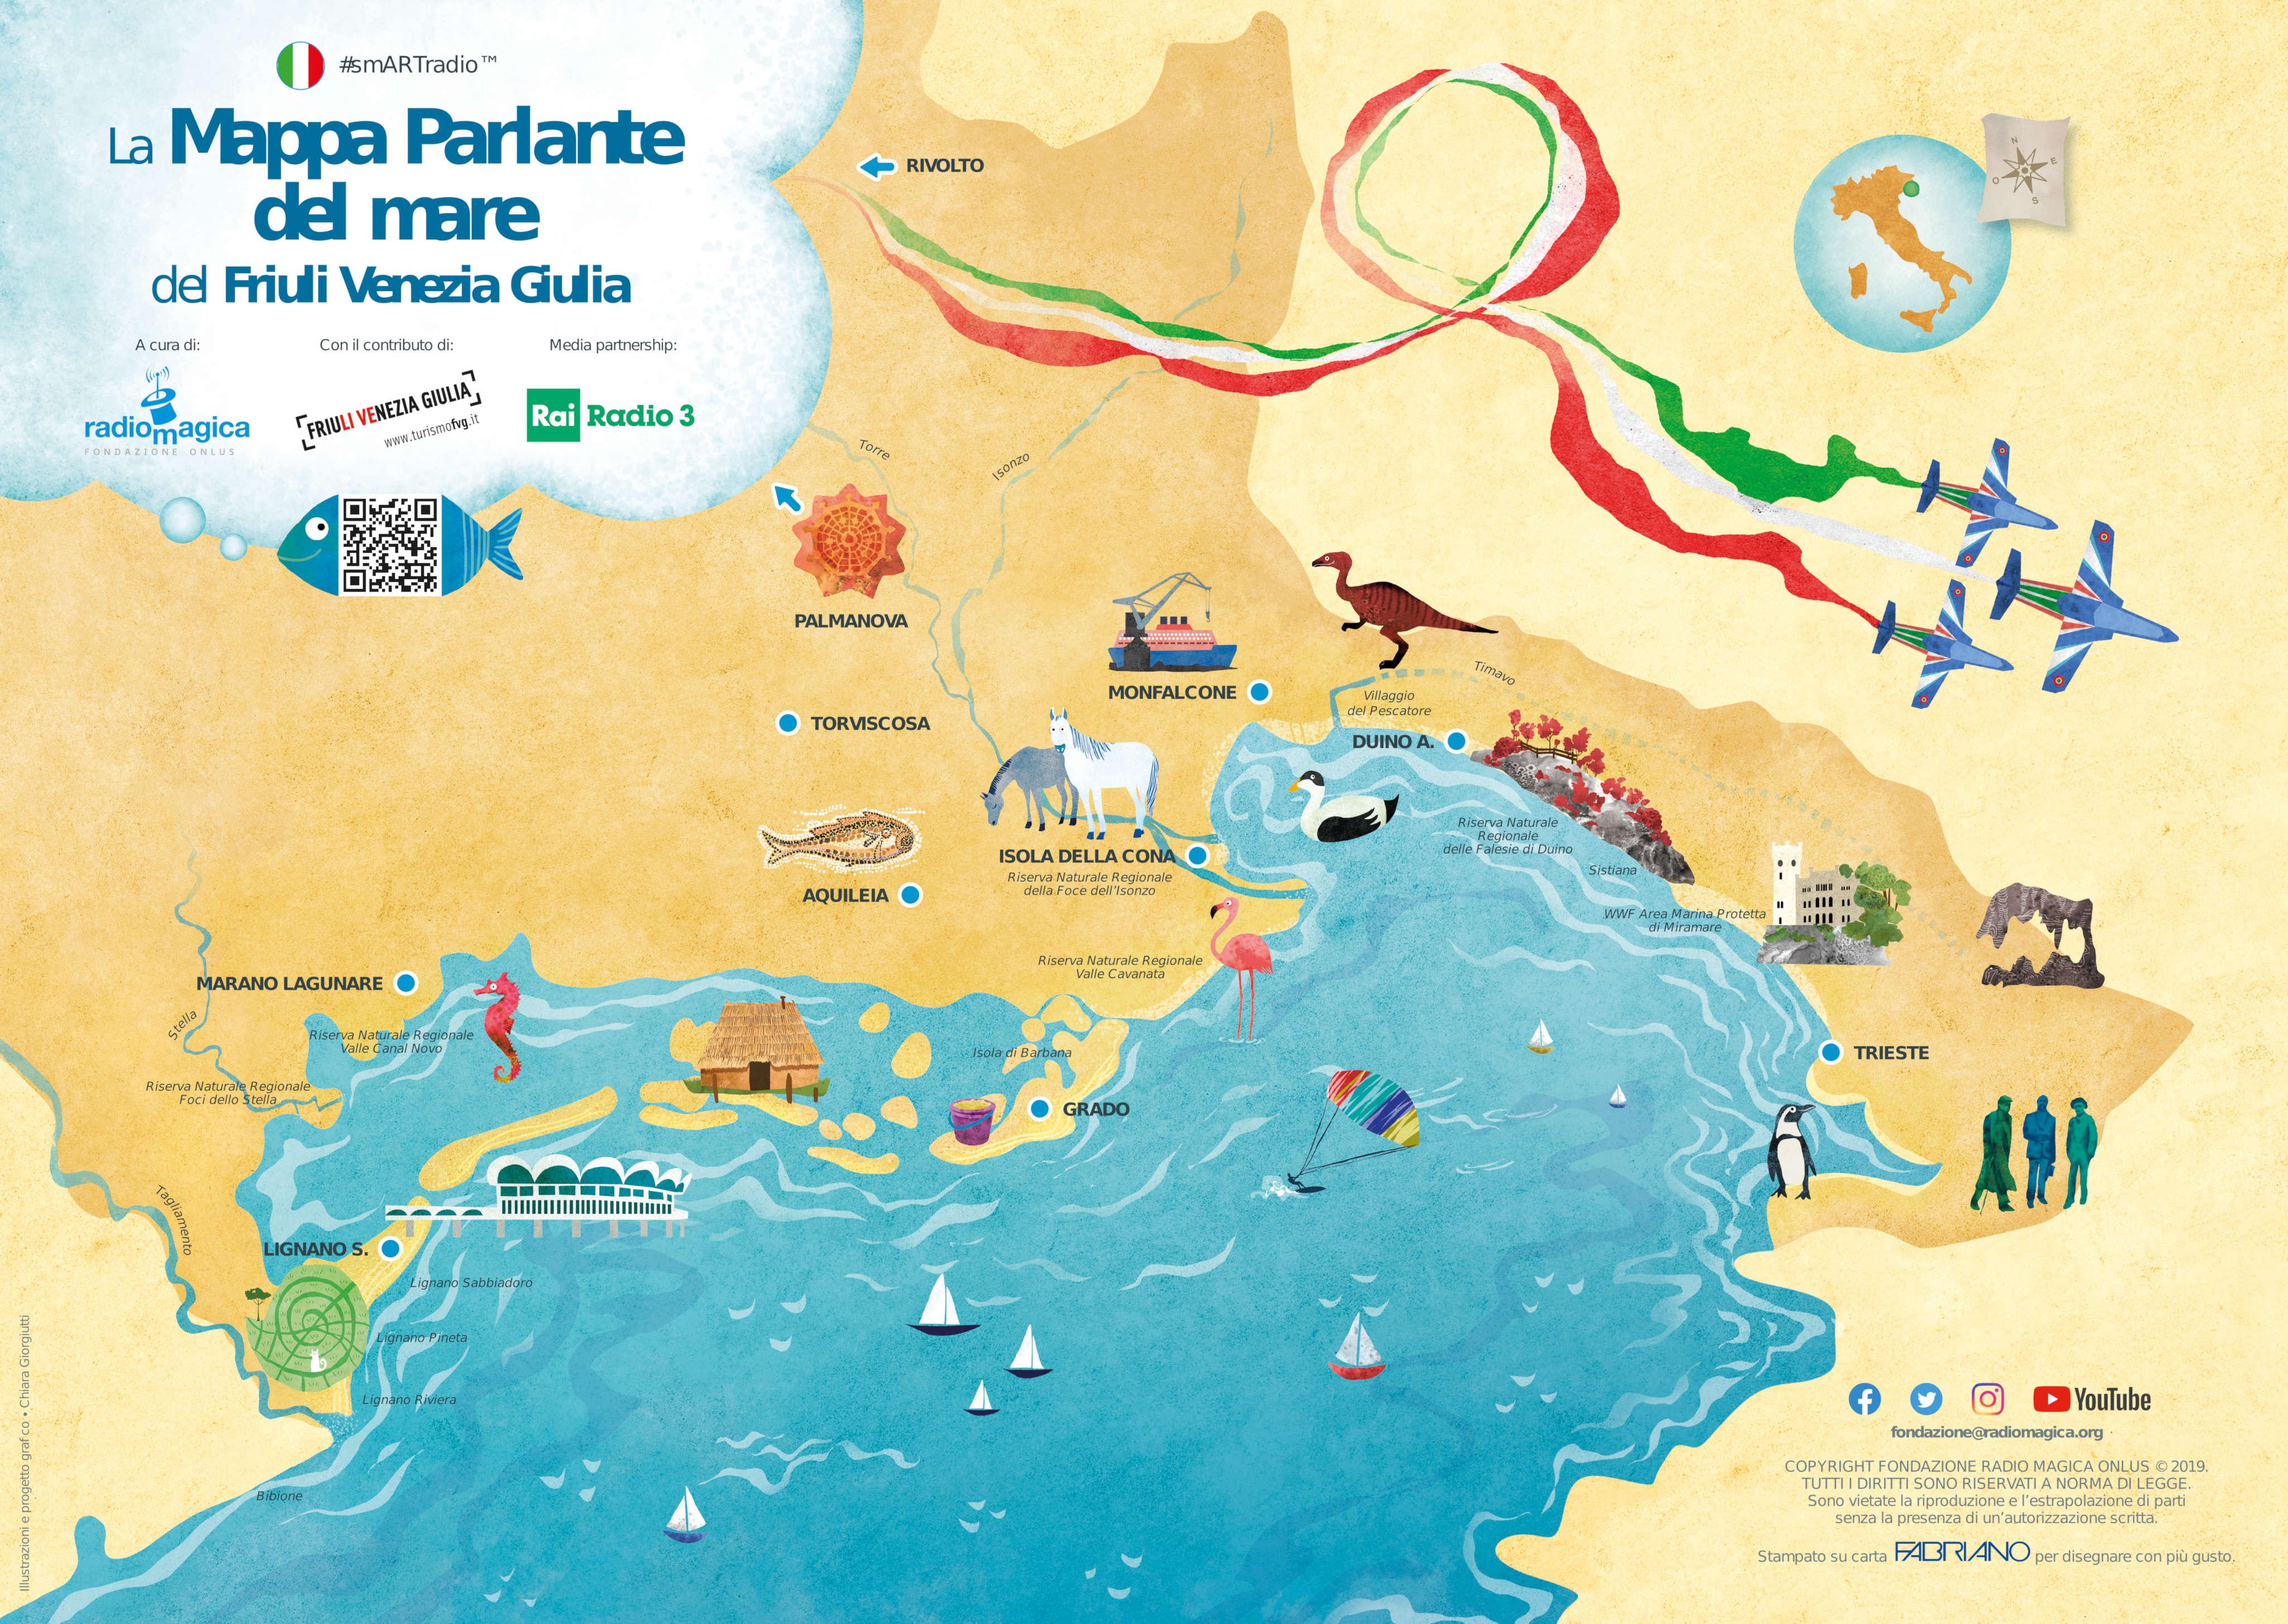 Cartina Friuli Venezia Giulia.La Mappa Parlante Del Mare Del Friuli Venezia Giulia Smartradio Radio Magica